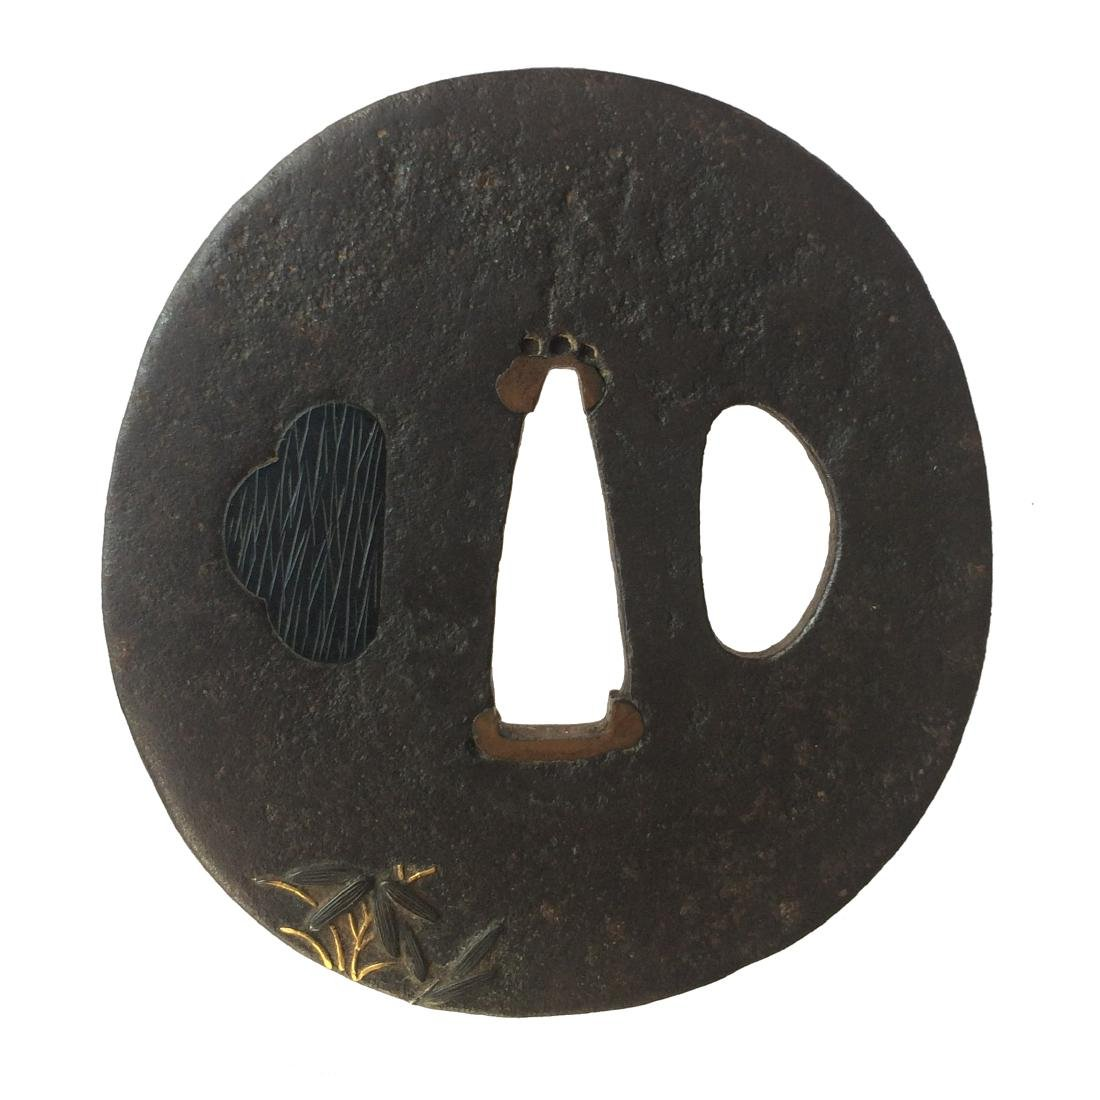 Signed iron tsuba by Nara Shigeharuwith shakudo and - 3